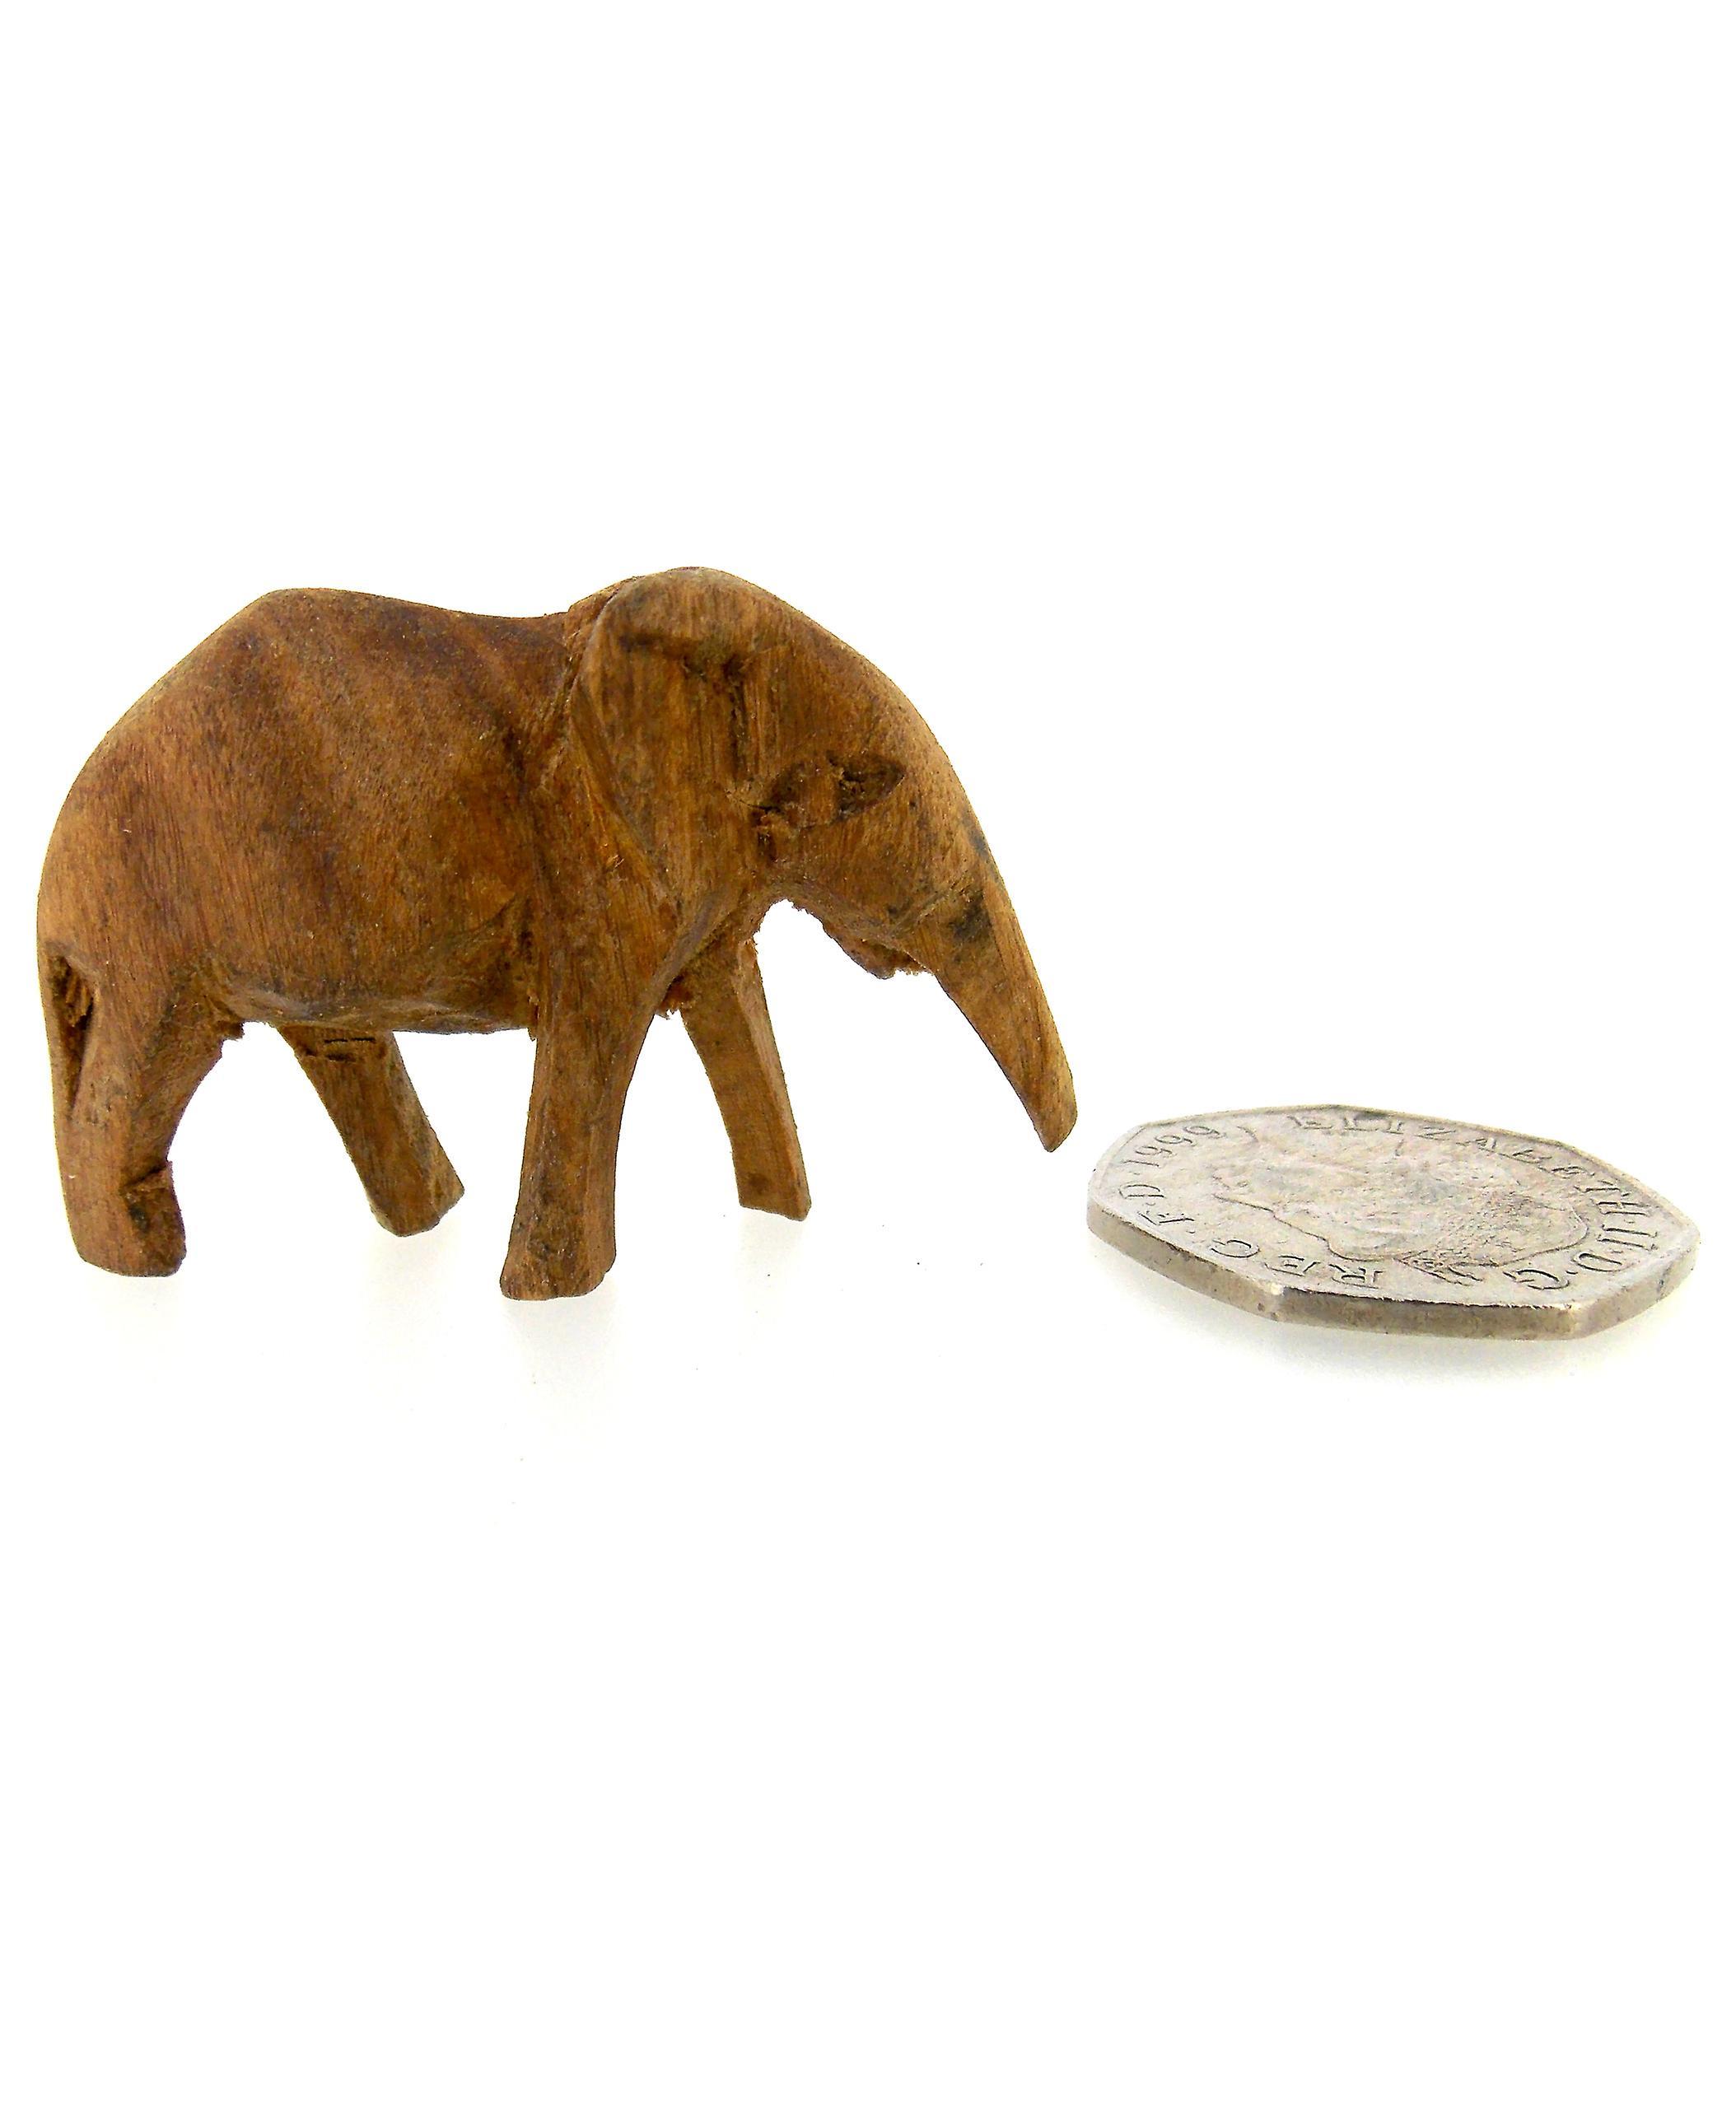 Handmade Wooden Elephant Sculpture – 4.5cm